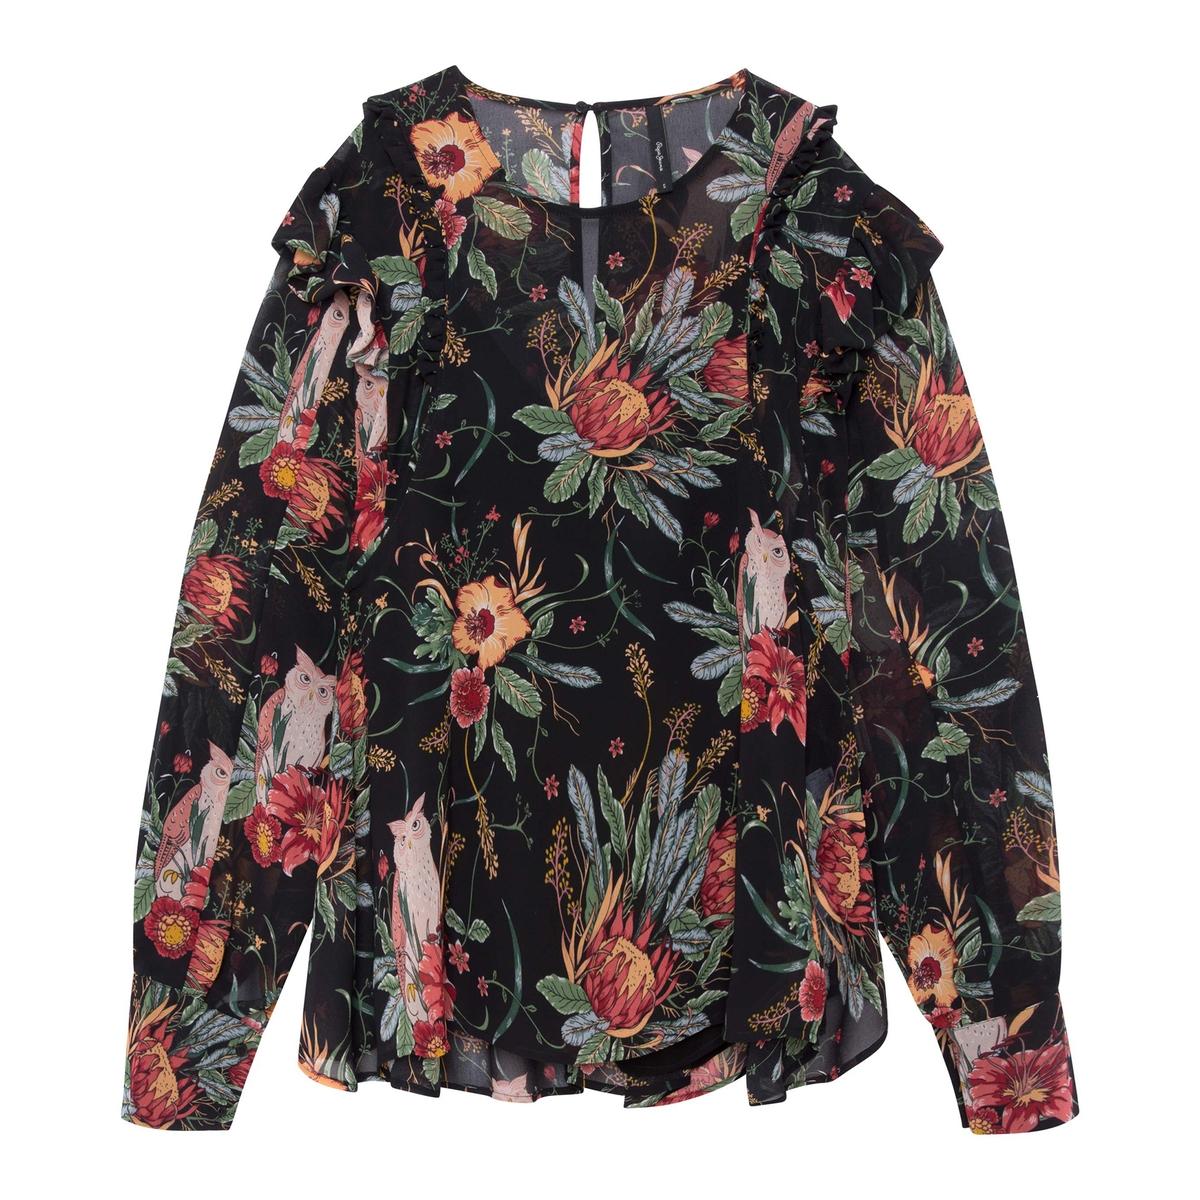 Блузка La Redoute С цветочным принтом и воланами на плечах XS черный